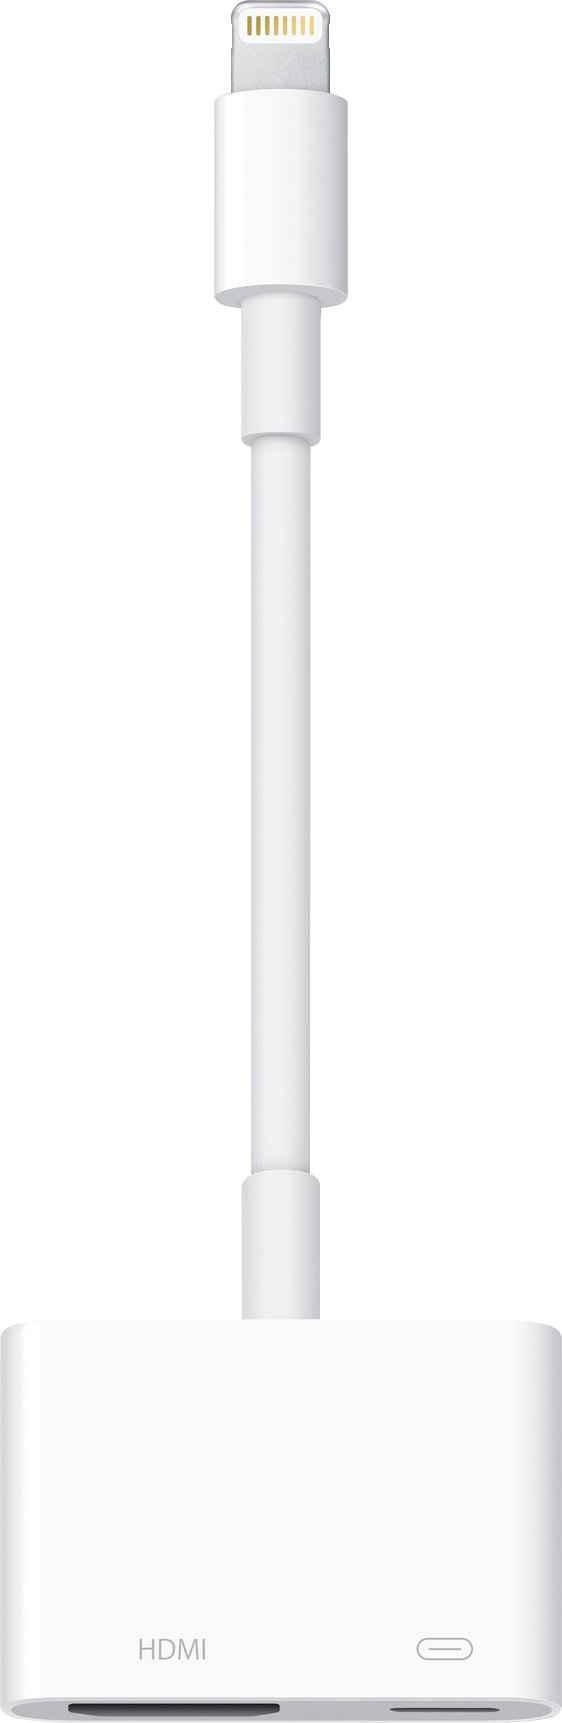 Apple »Lightning to Digital AV Adapter« Smartphone-Adapter Lightning zu HDMI, Lightning